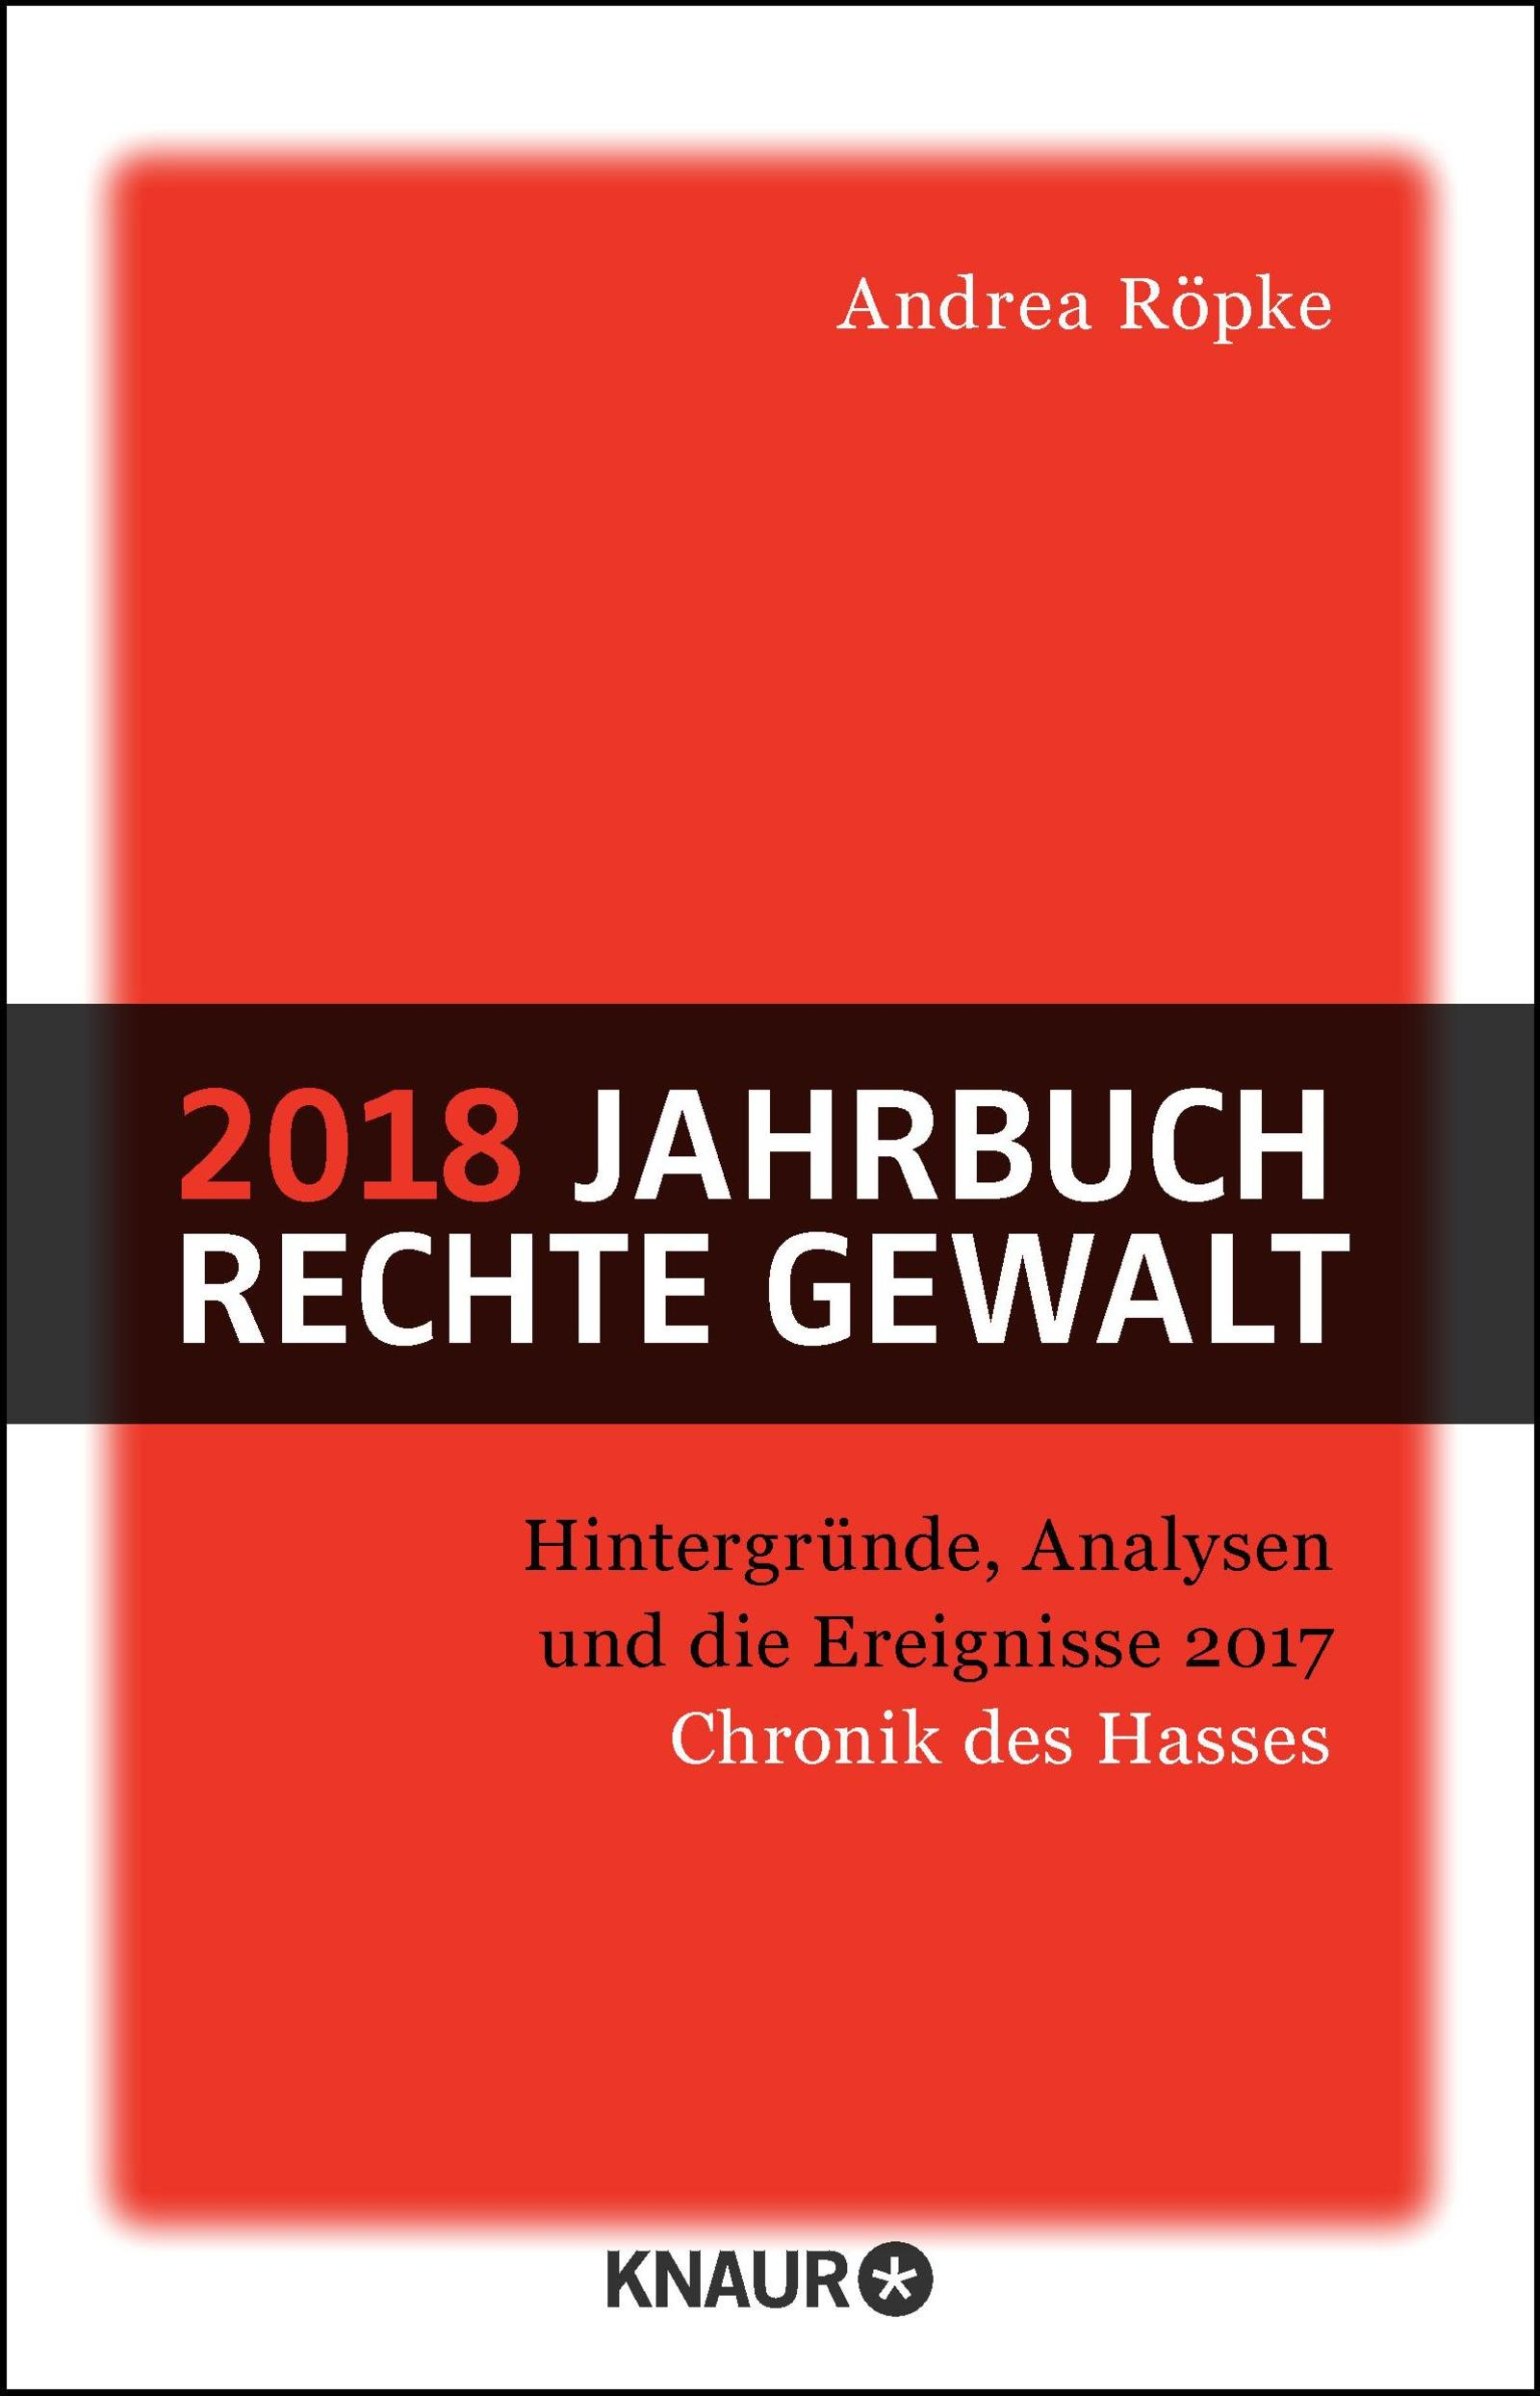 2018 Jahrbuch rechte Gewalt: Chronik des Hasses